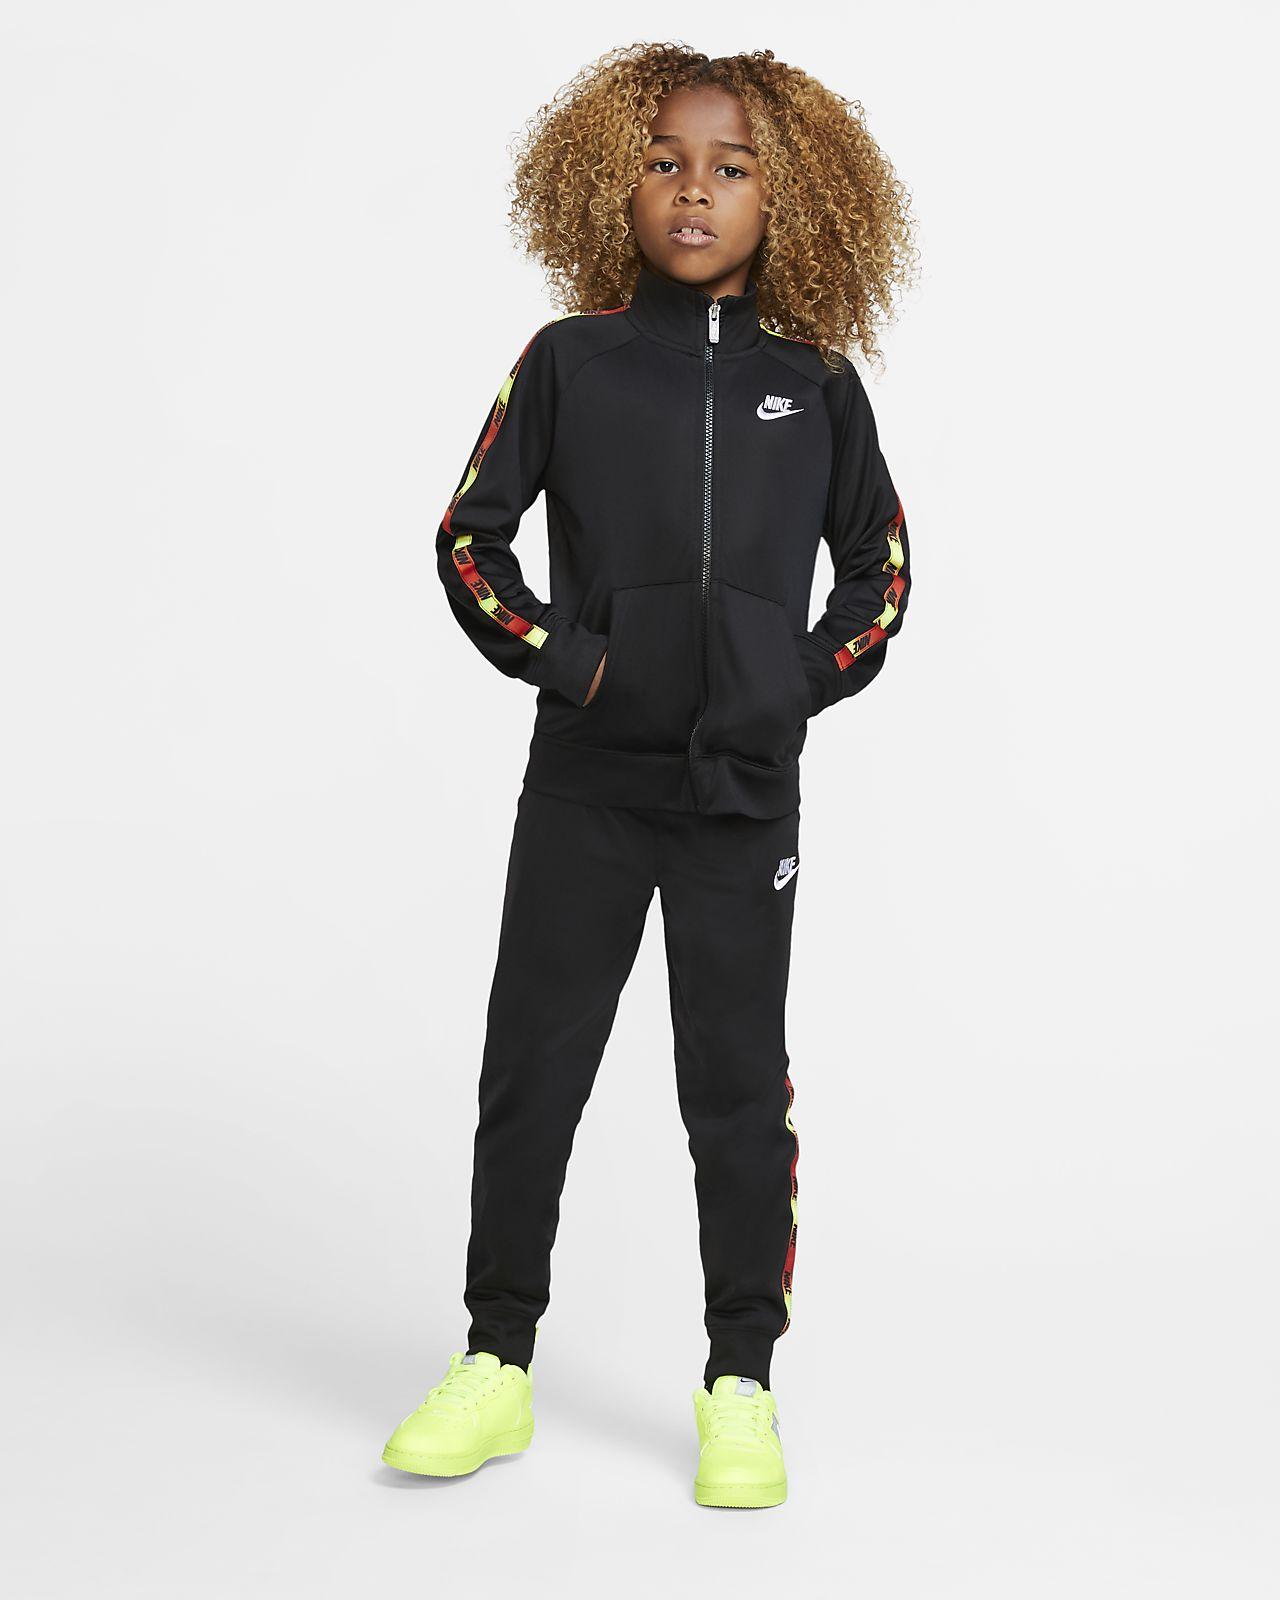 best sale various styles top fashion Survêtement Nike pour Jeune enfant